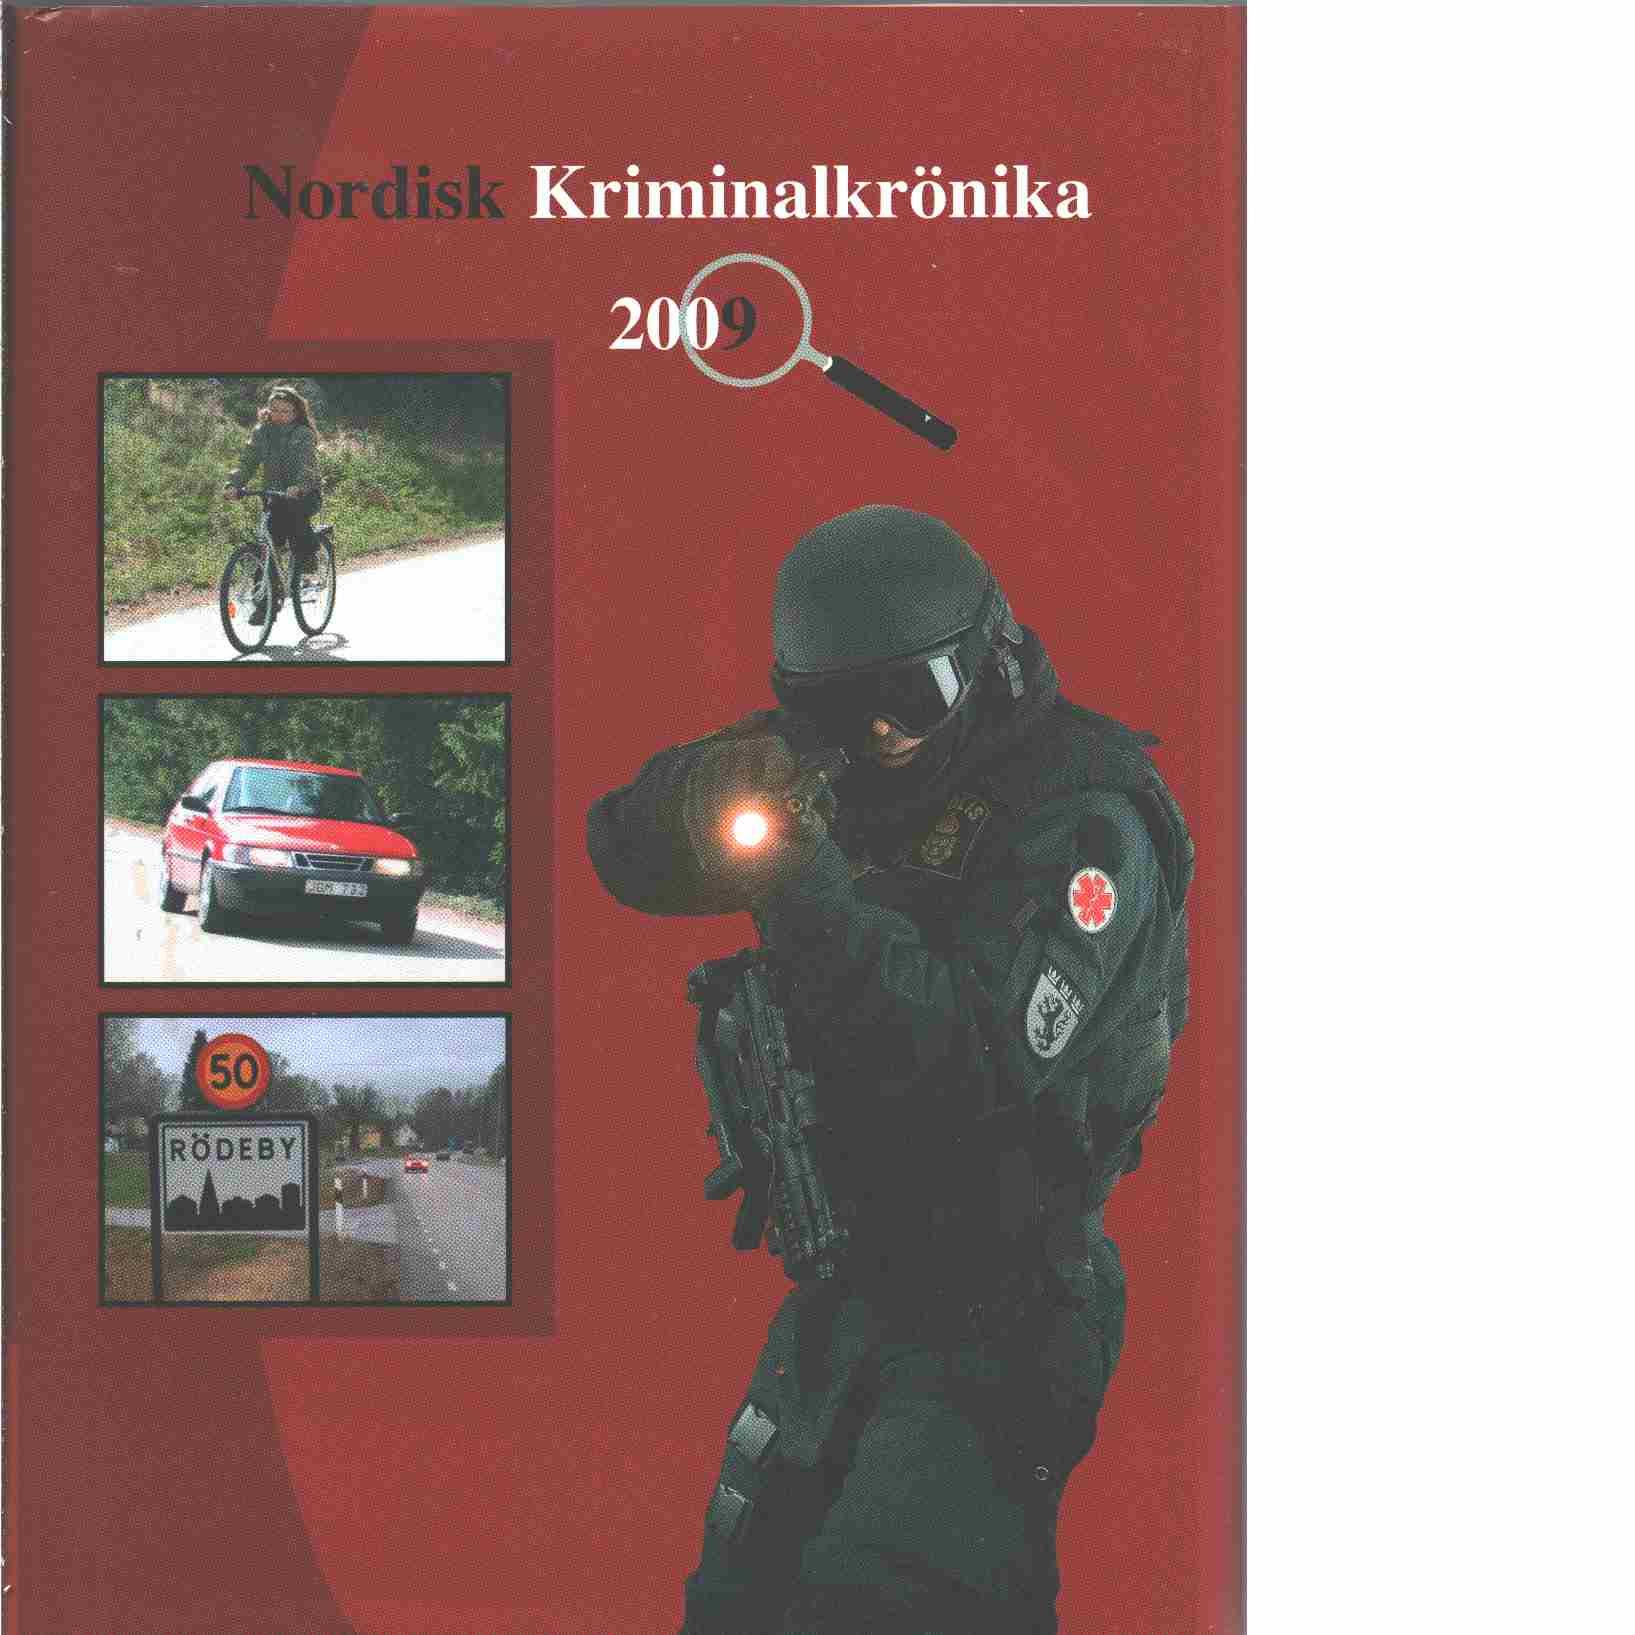 Nordisk kriminalkrönika 2009 - Red. Nordiska polisidrottsförbundet